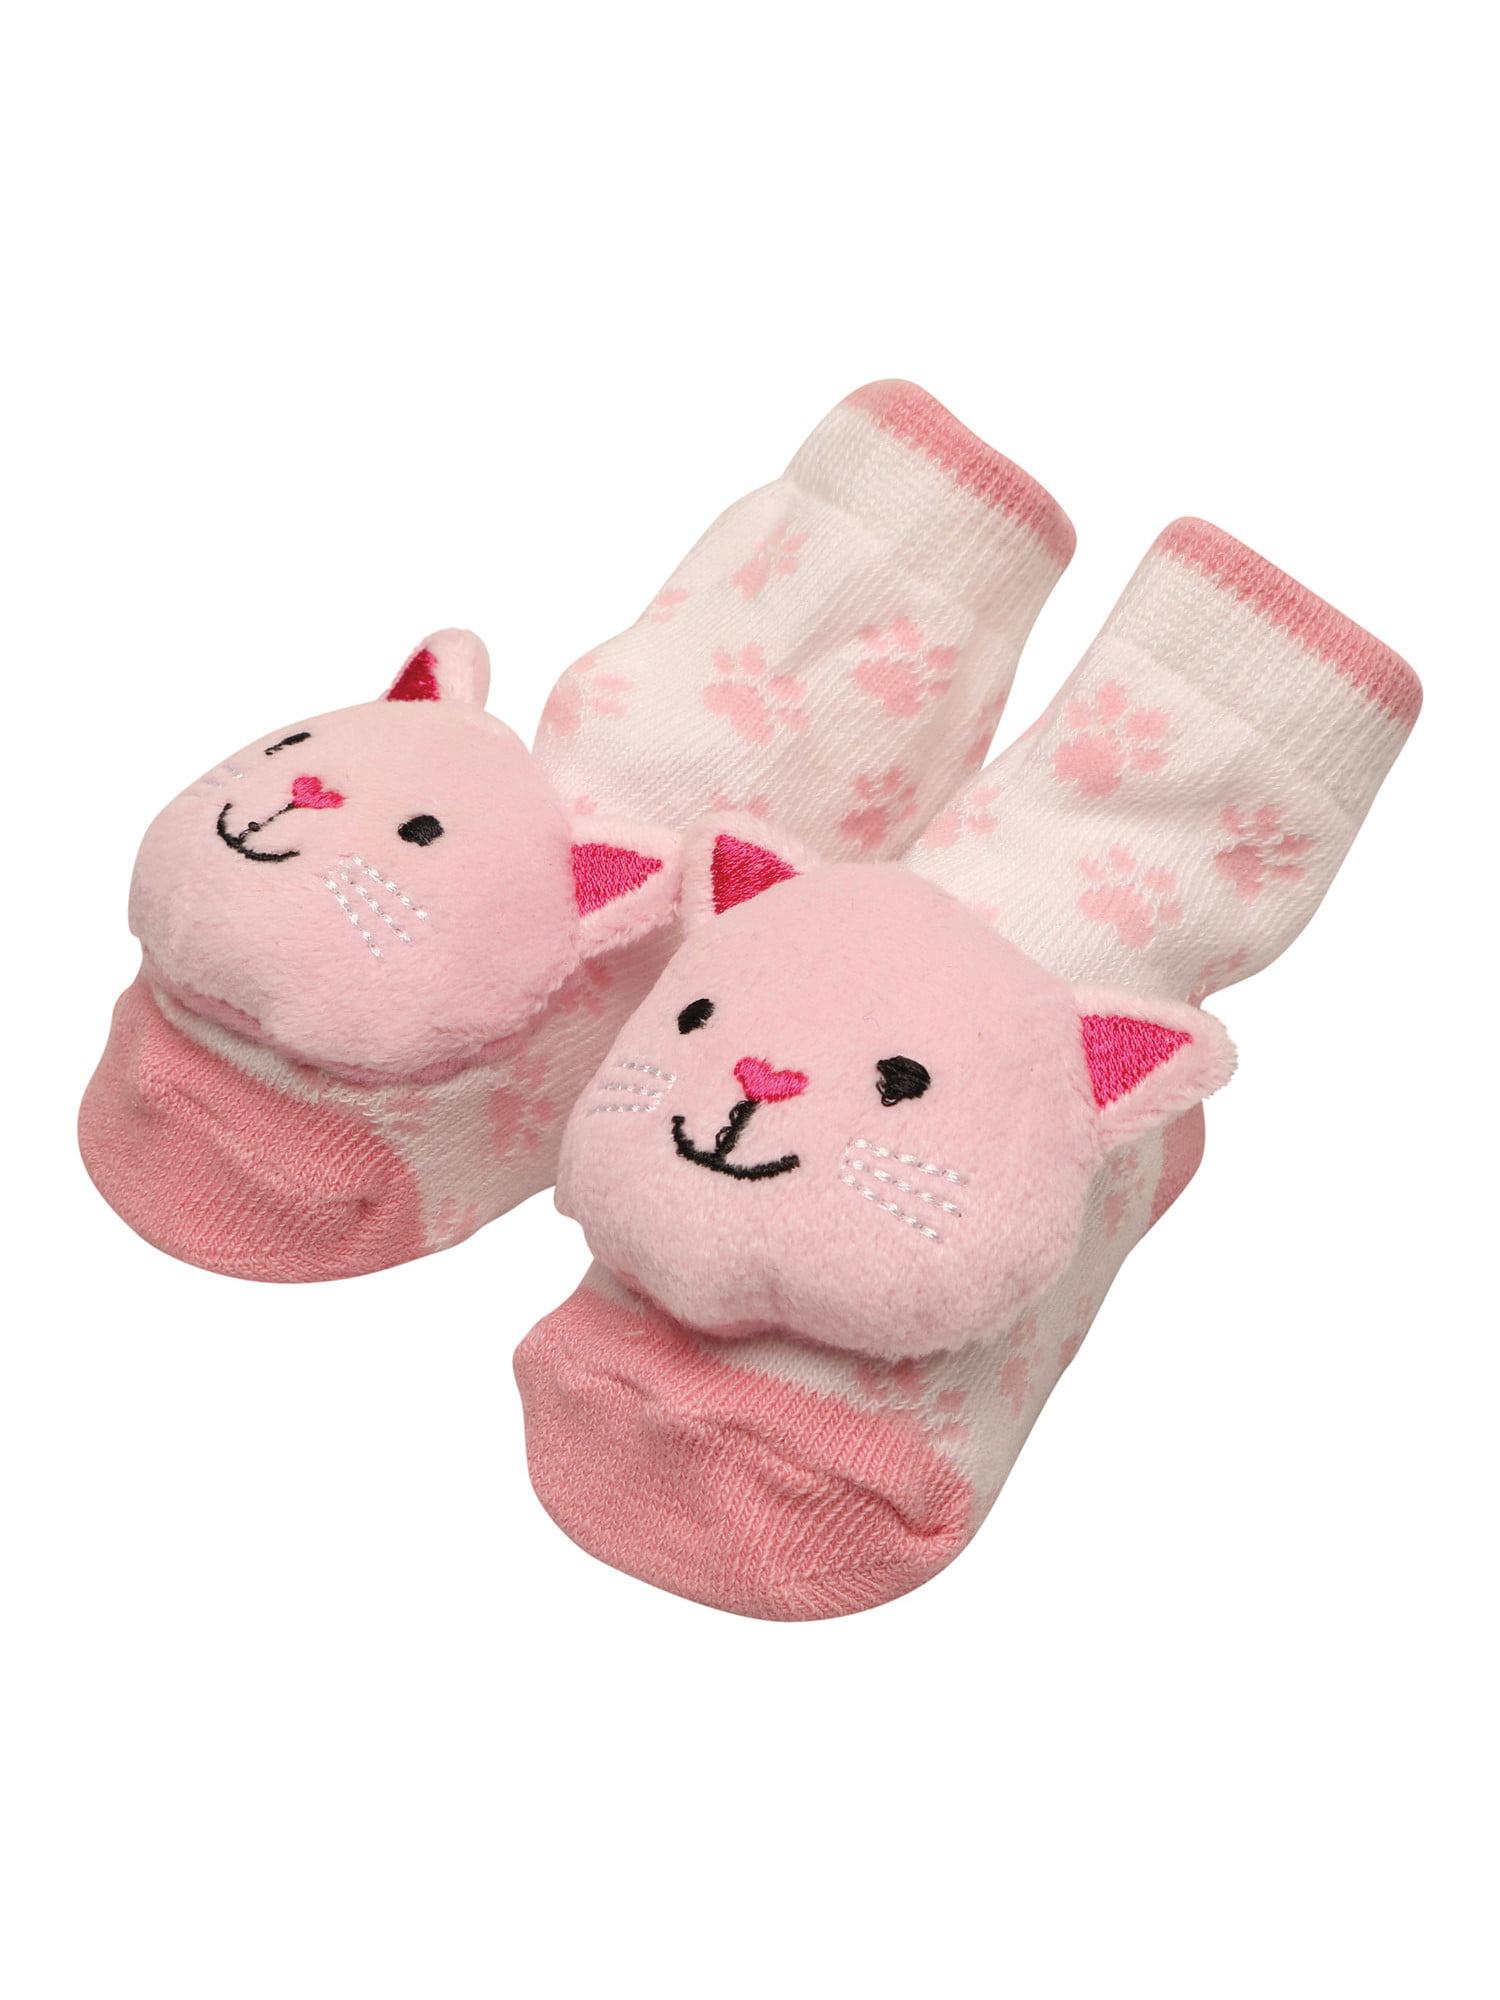 C.R. Gibson Rattle Toe Infant Socks